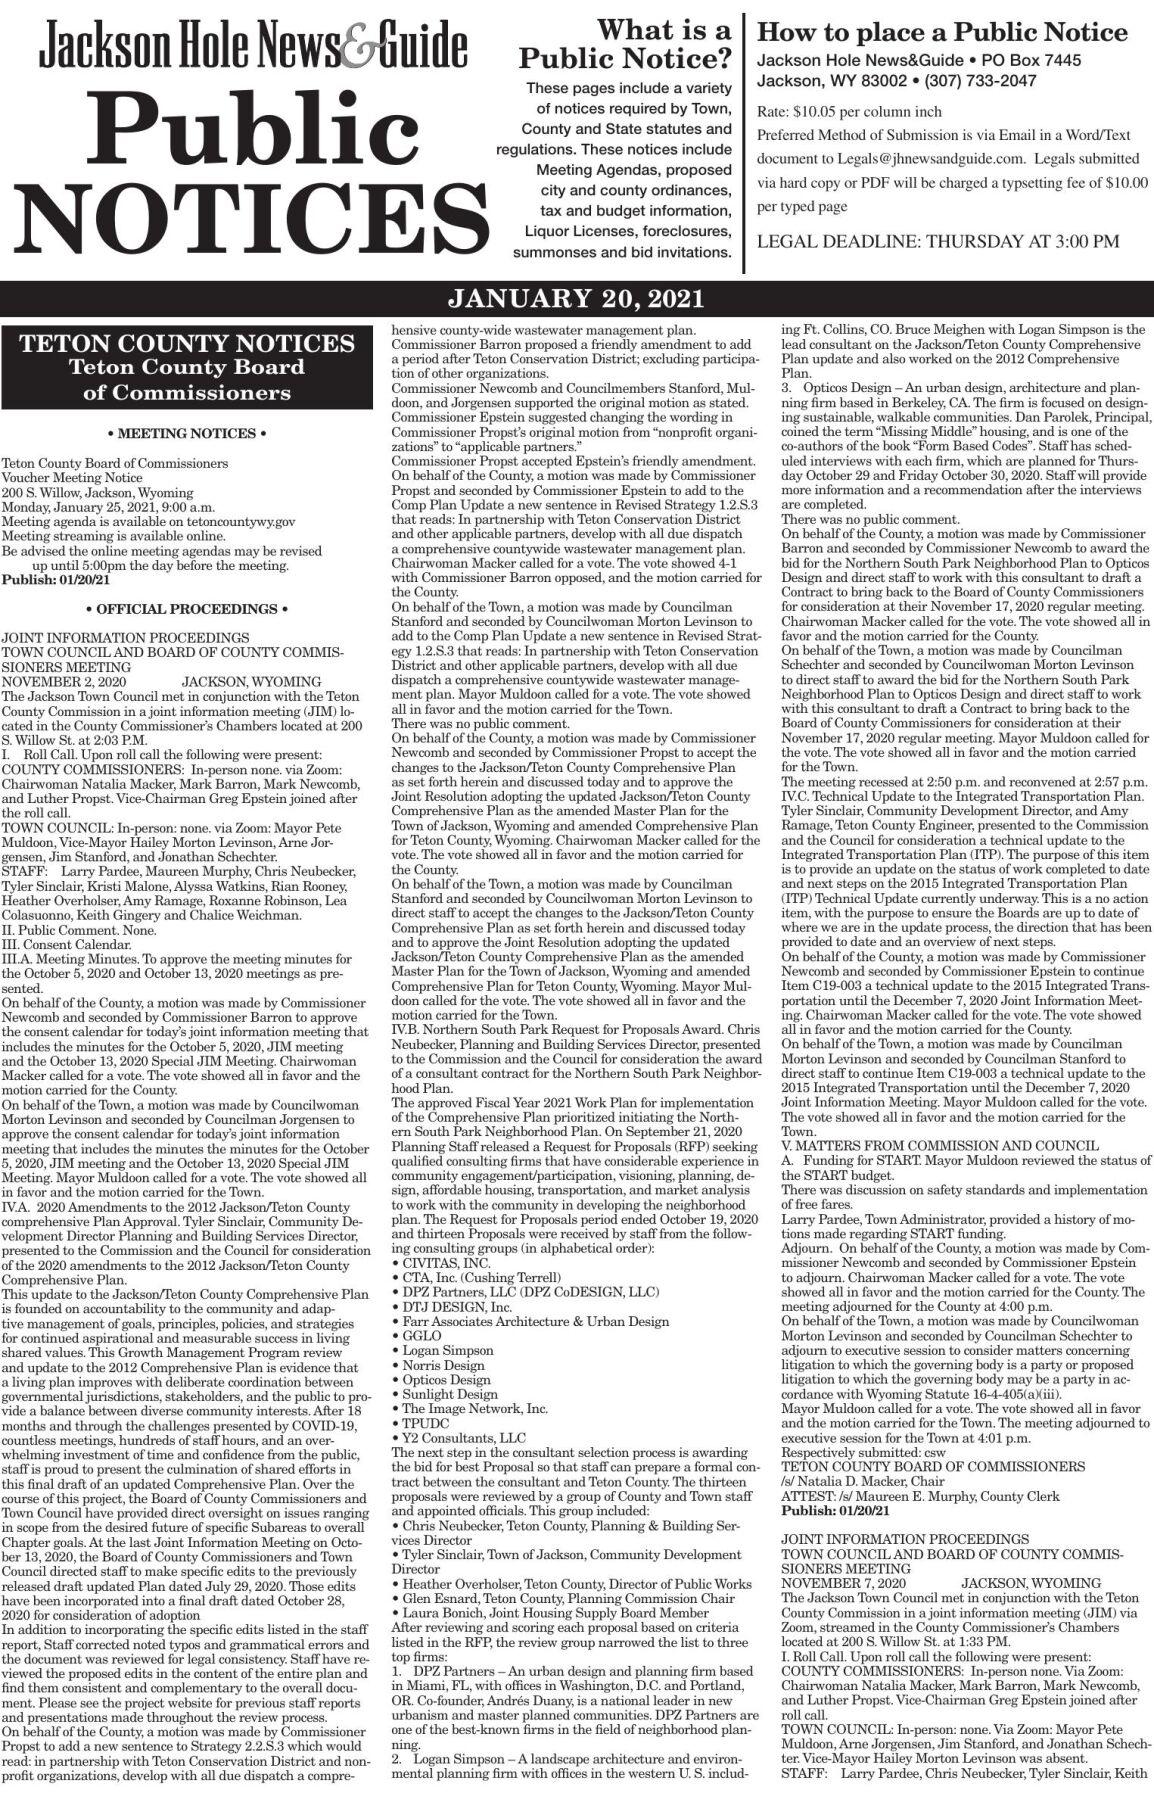 Public Notices, Jan. 20, 2021